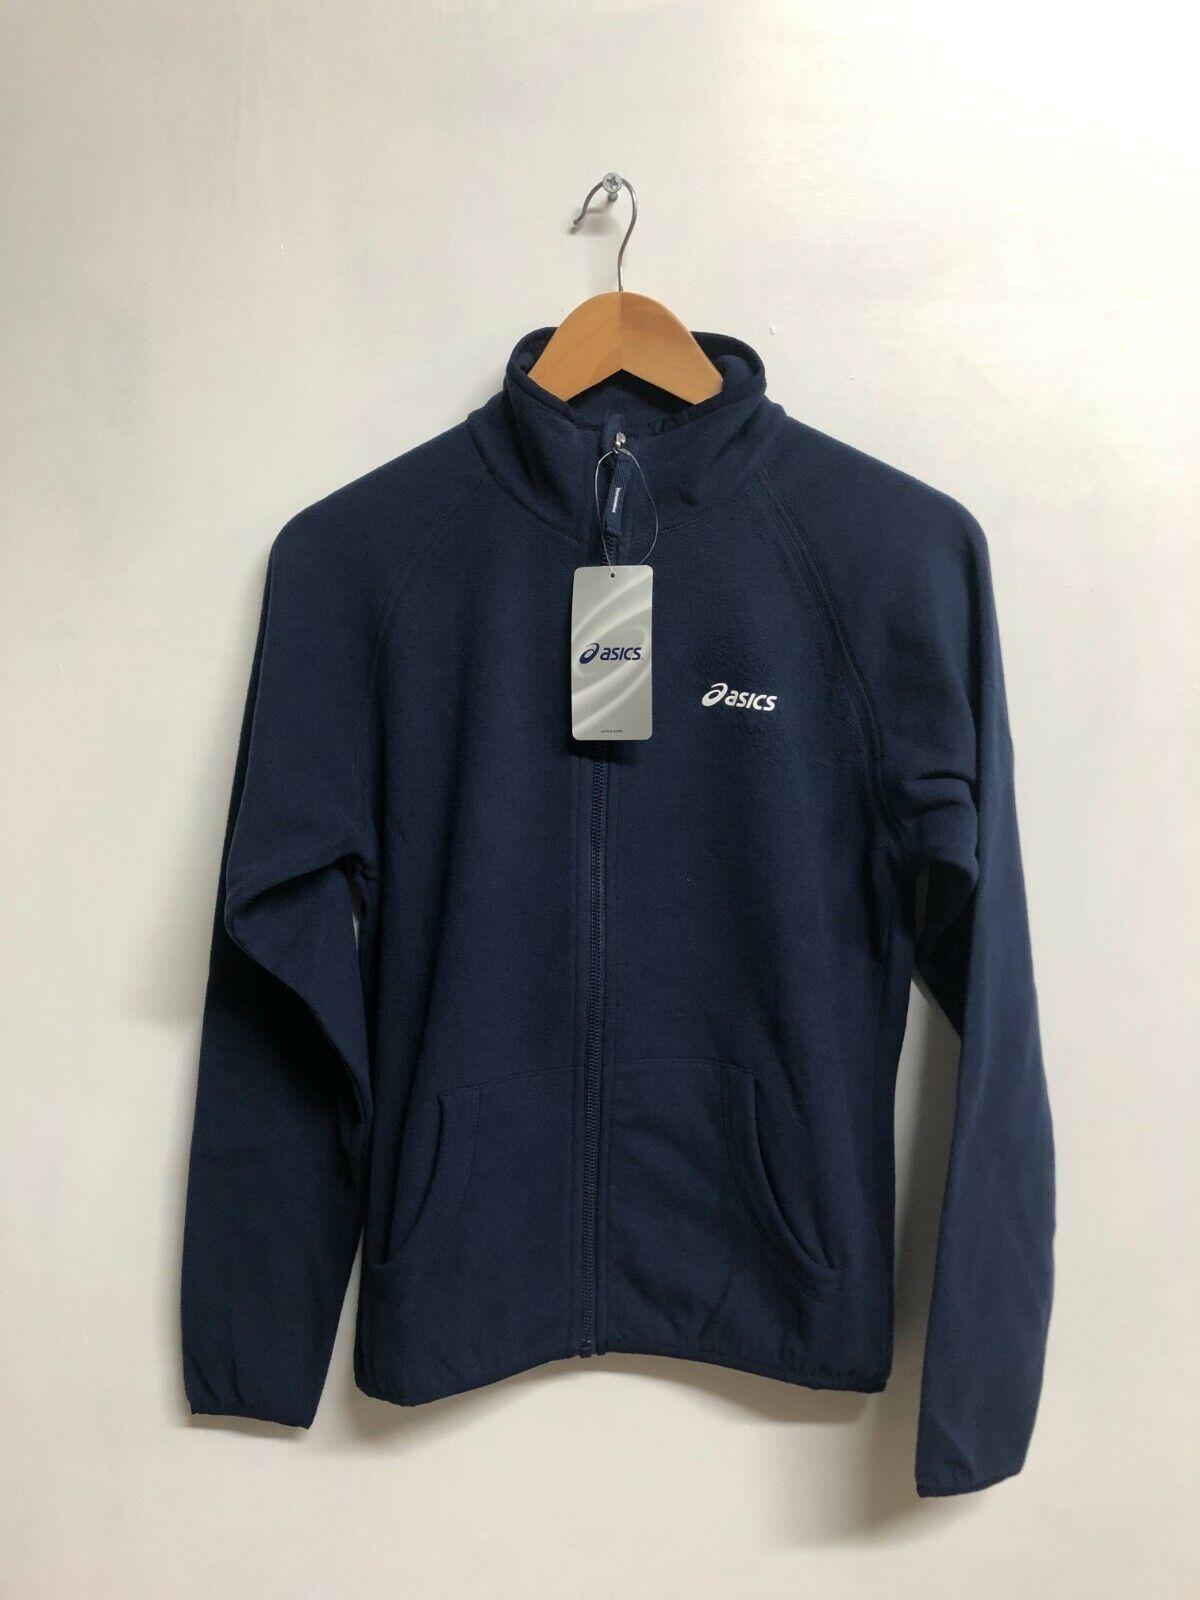 Asics Men's Polar Fleece Full Zip Sports Polar Fleece Jacket - Navy - New